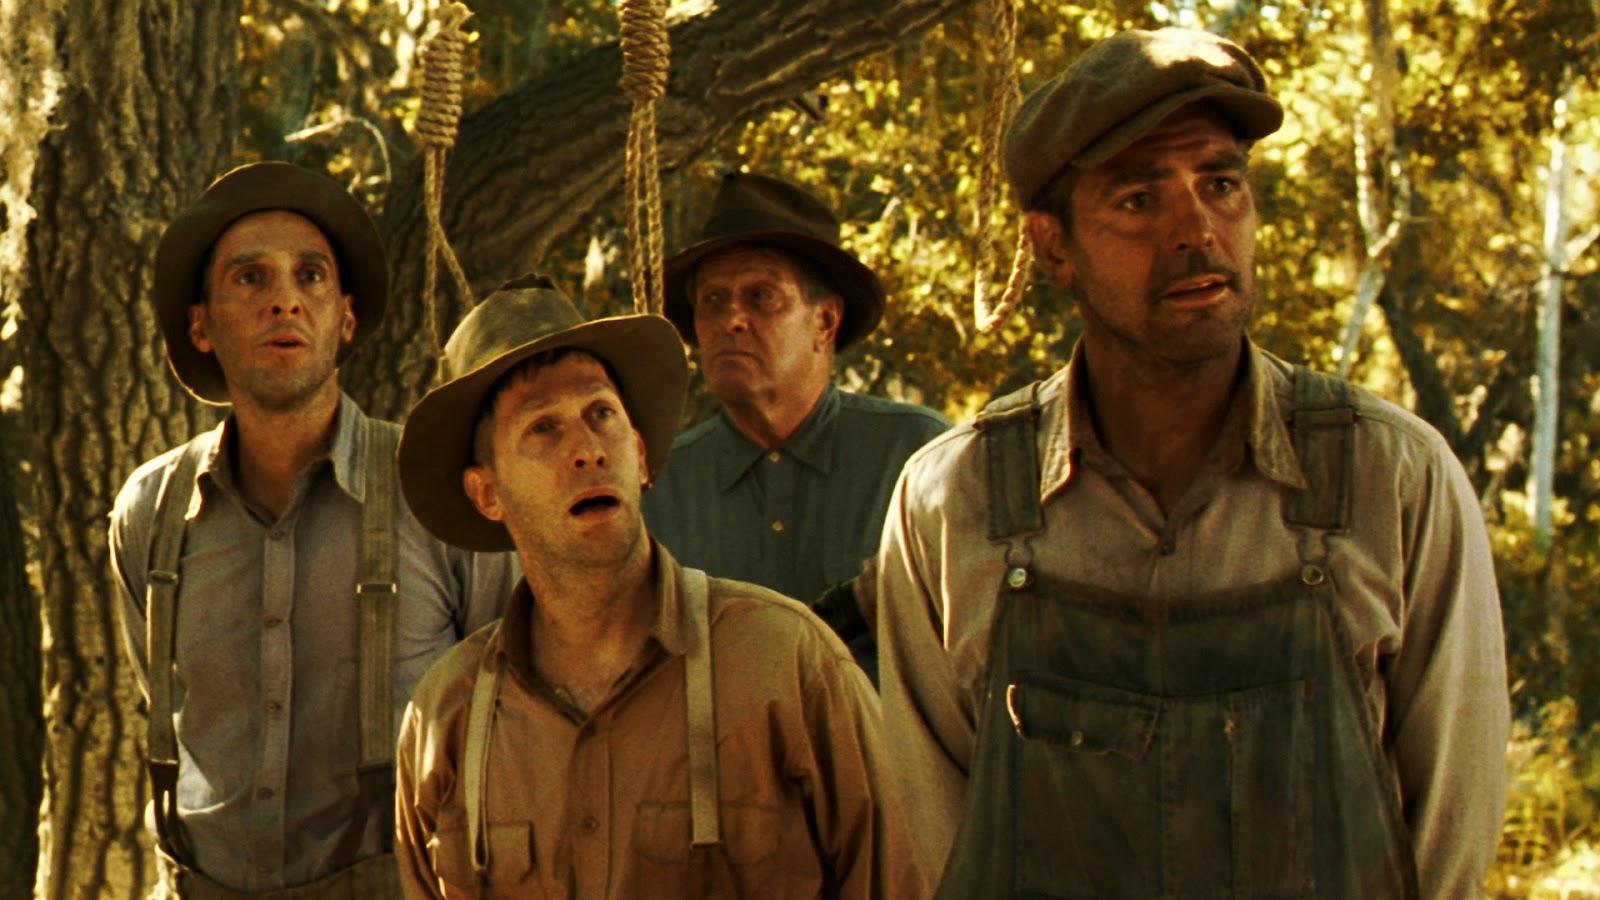 Detentos são interpretados por George Clooney, Tim Blake Nelson e John Turturro (Foto: Reprodução)